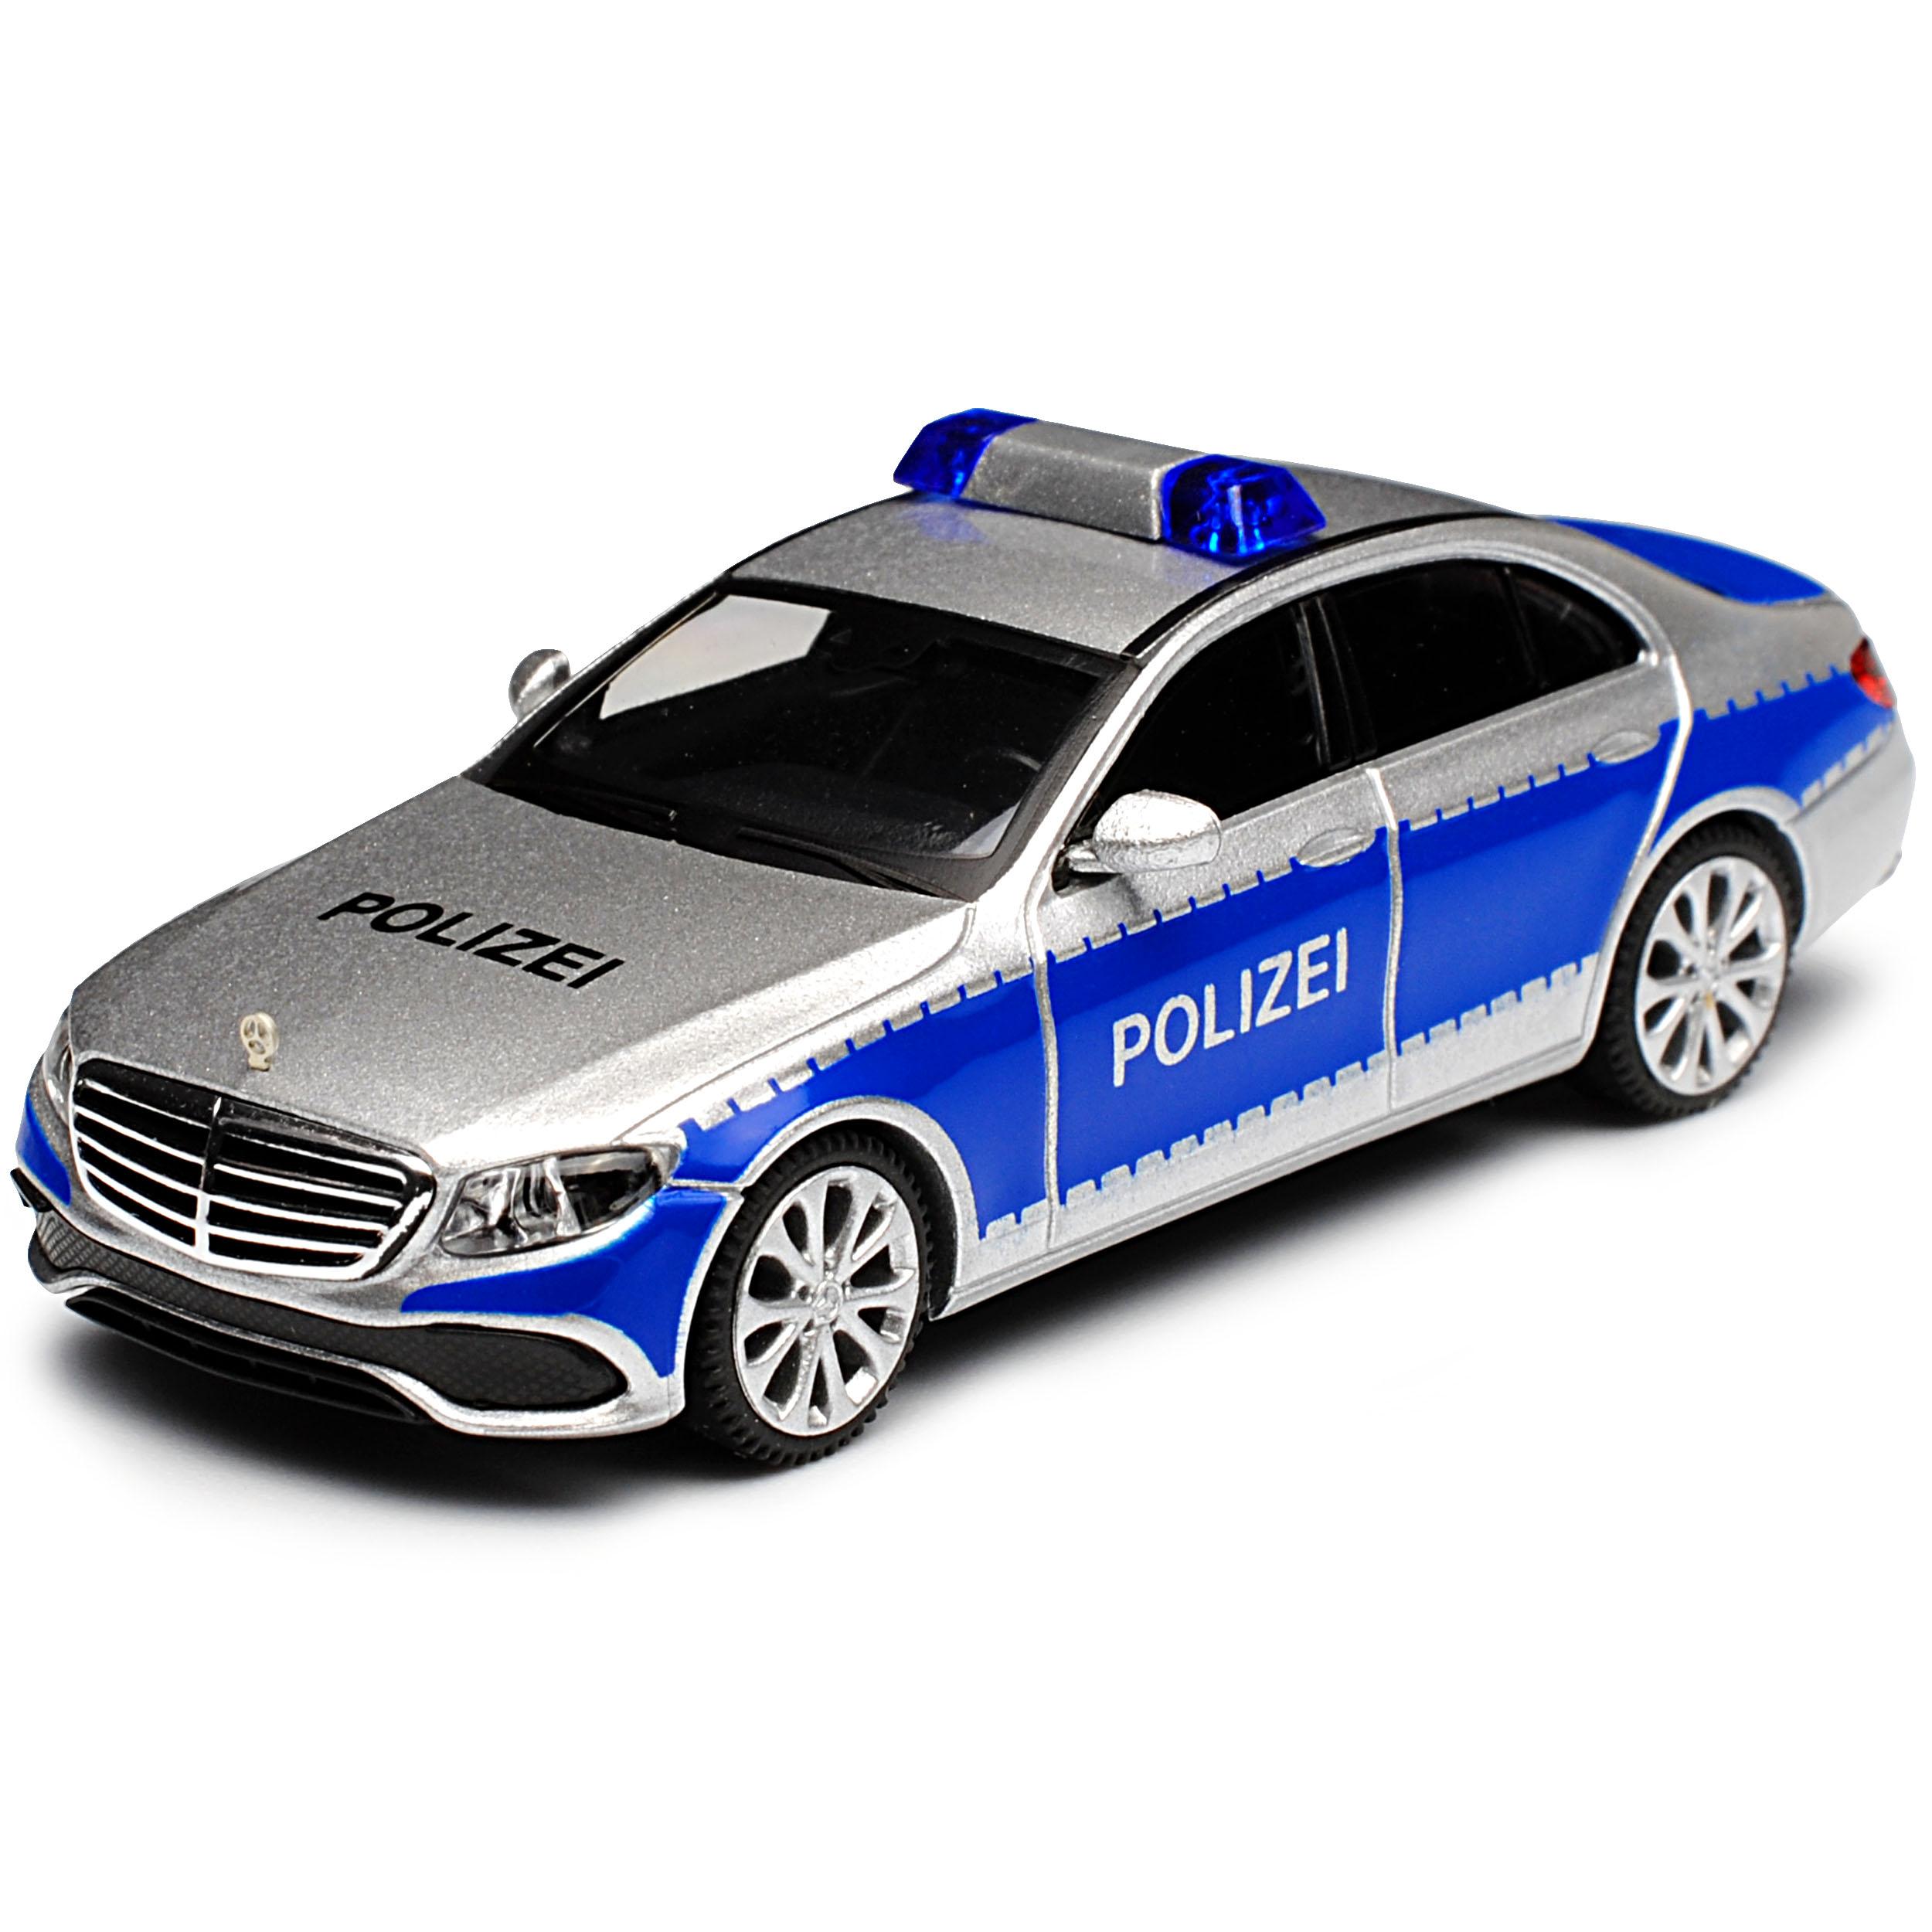 MERCEDES-BENZ CLASSE E w213 Berlina Polizia argento blu a partire dal 2016 h0 1//87 wiki...